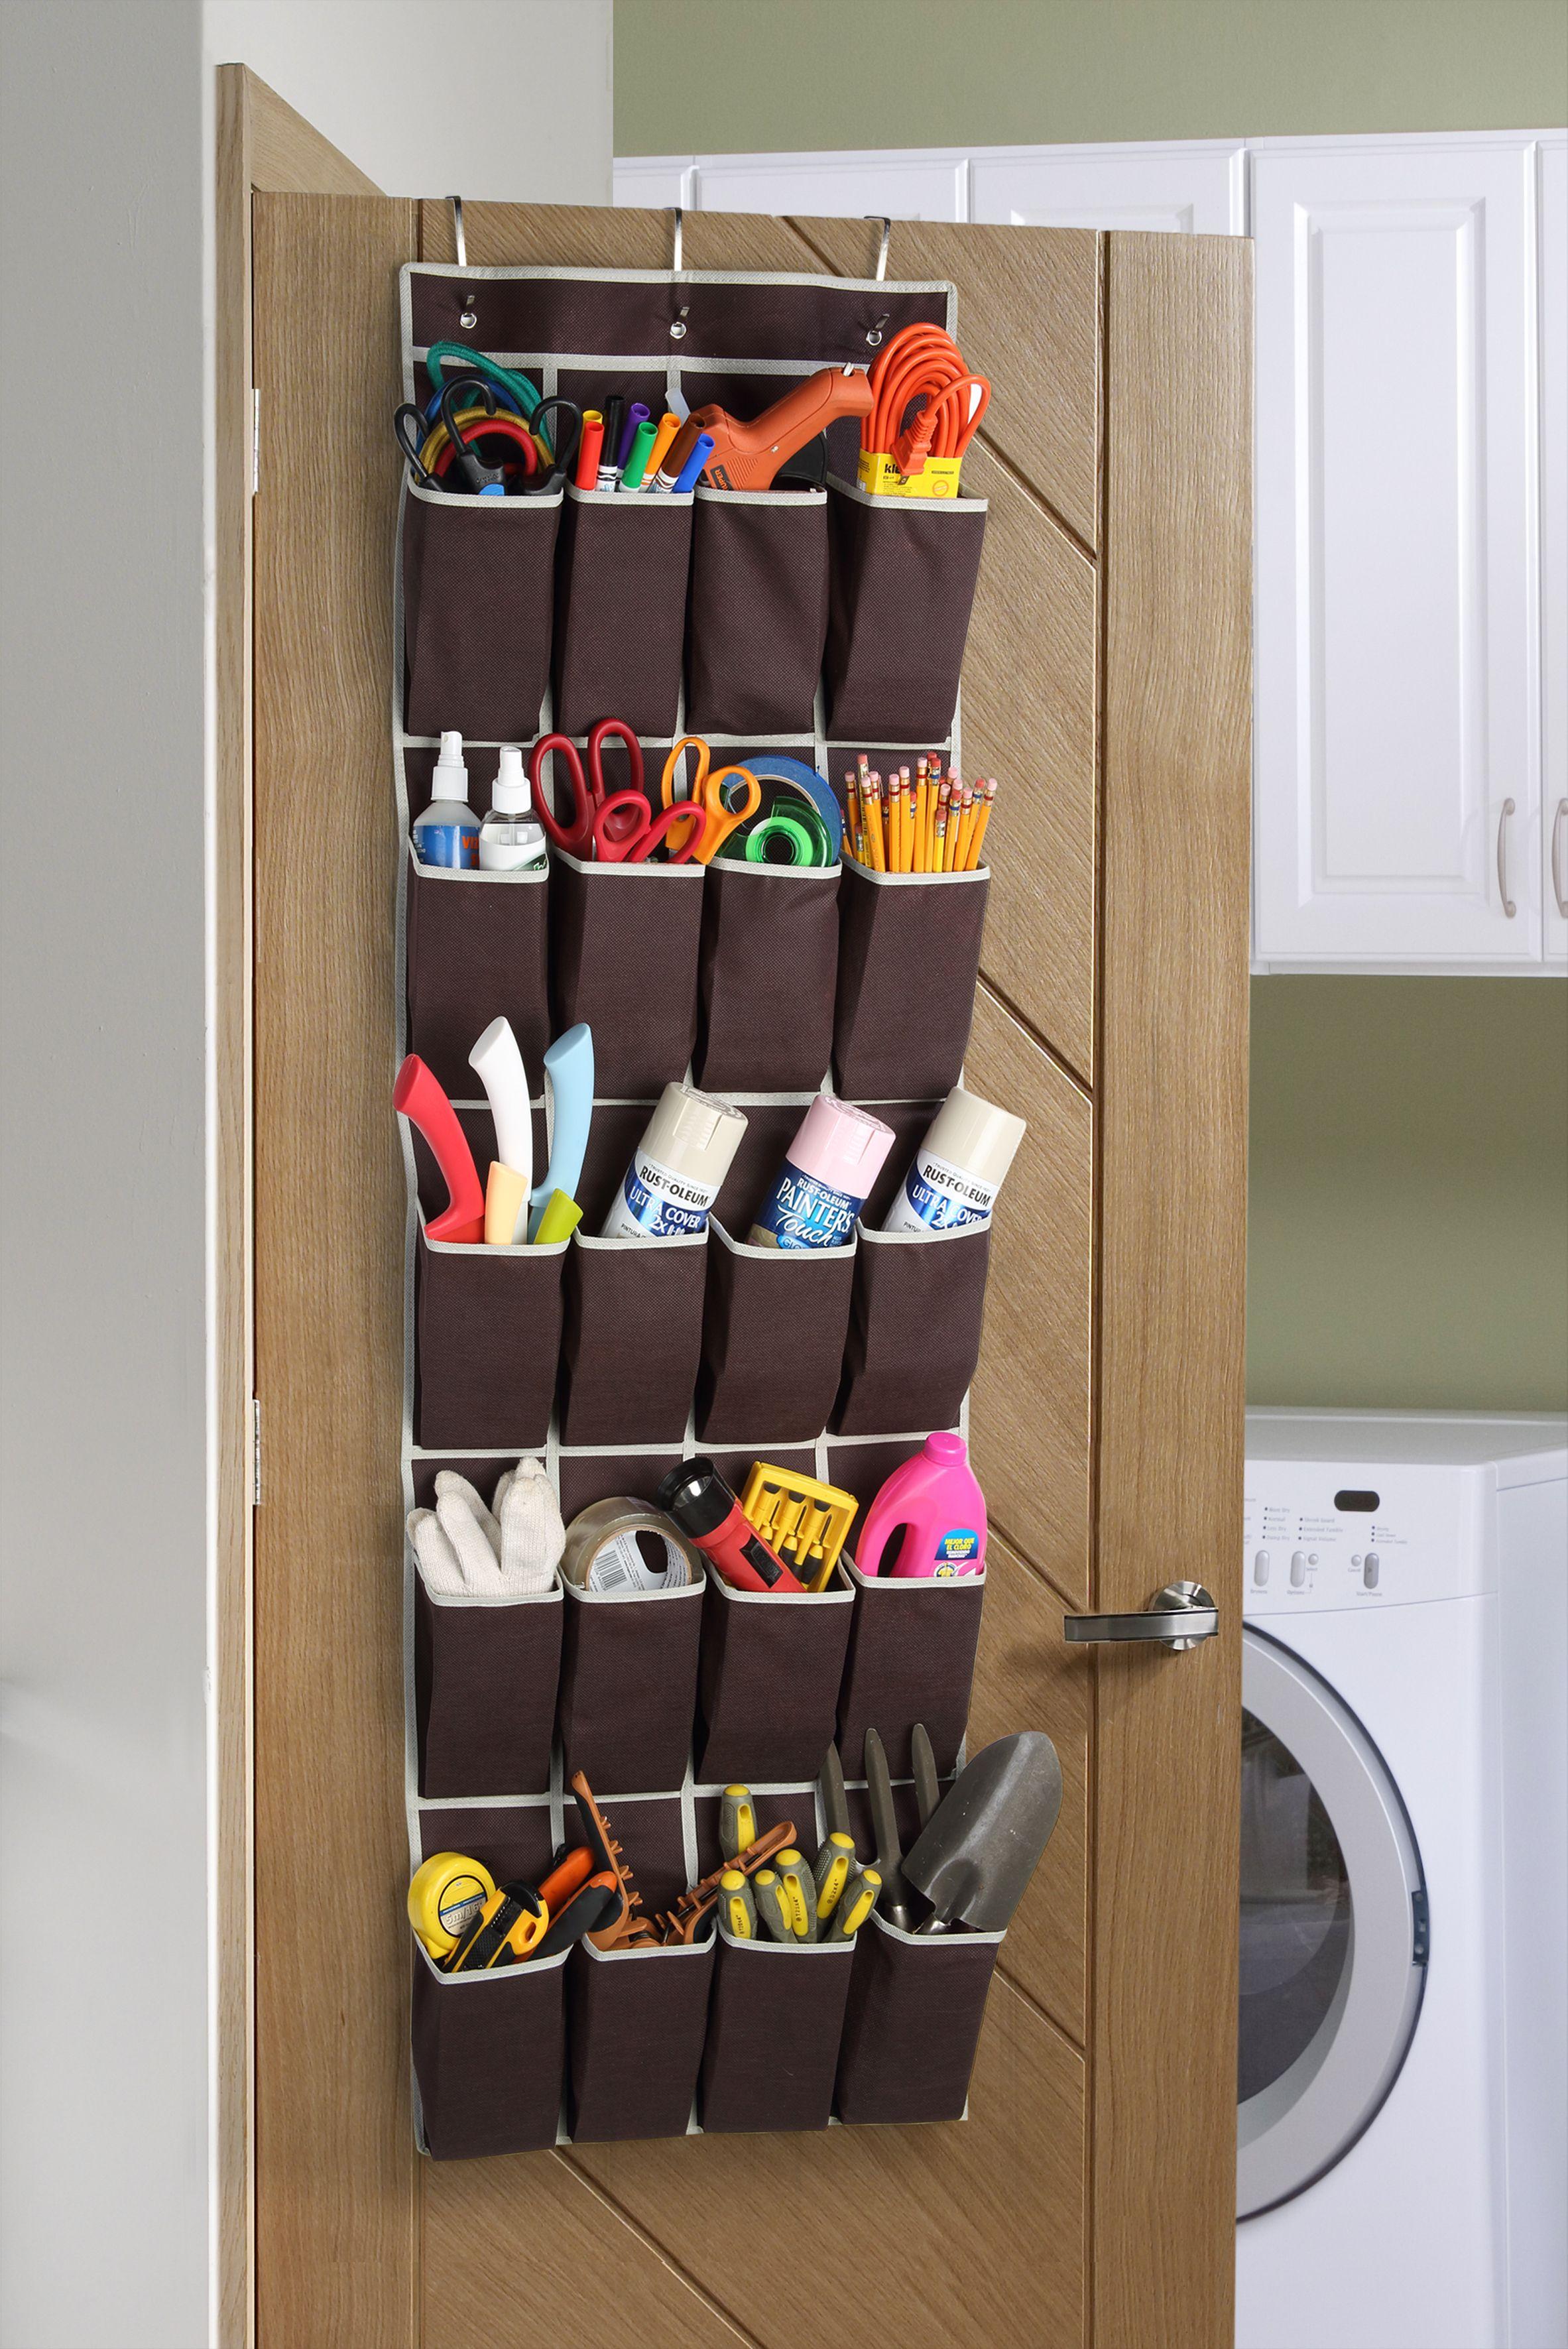 Organizador para zapatos 20 espacios herramientas organizadores y permitiendo - Organizador de zapatos ...